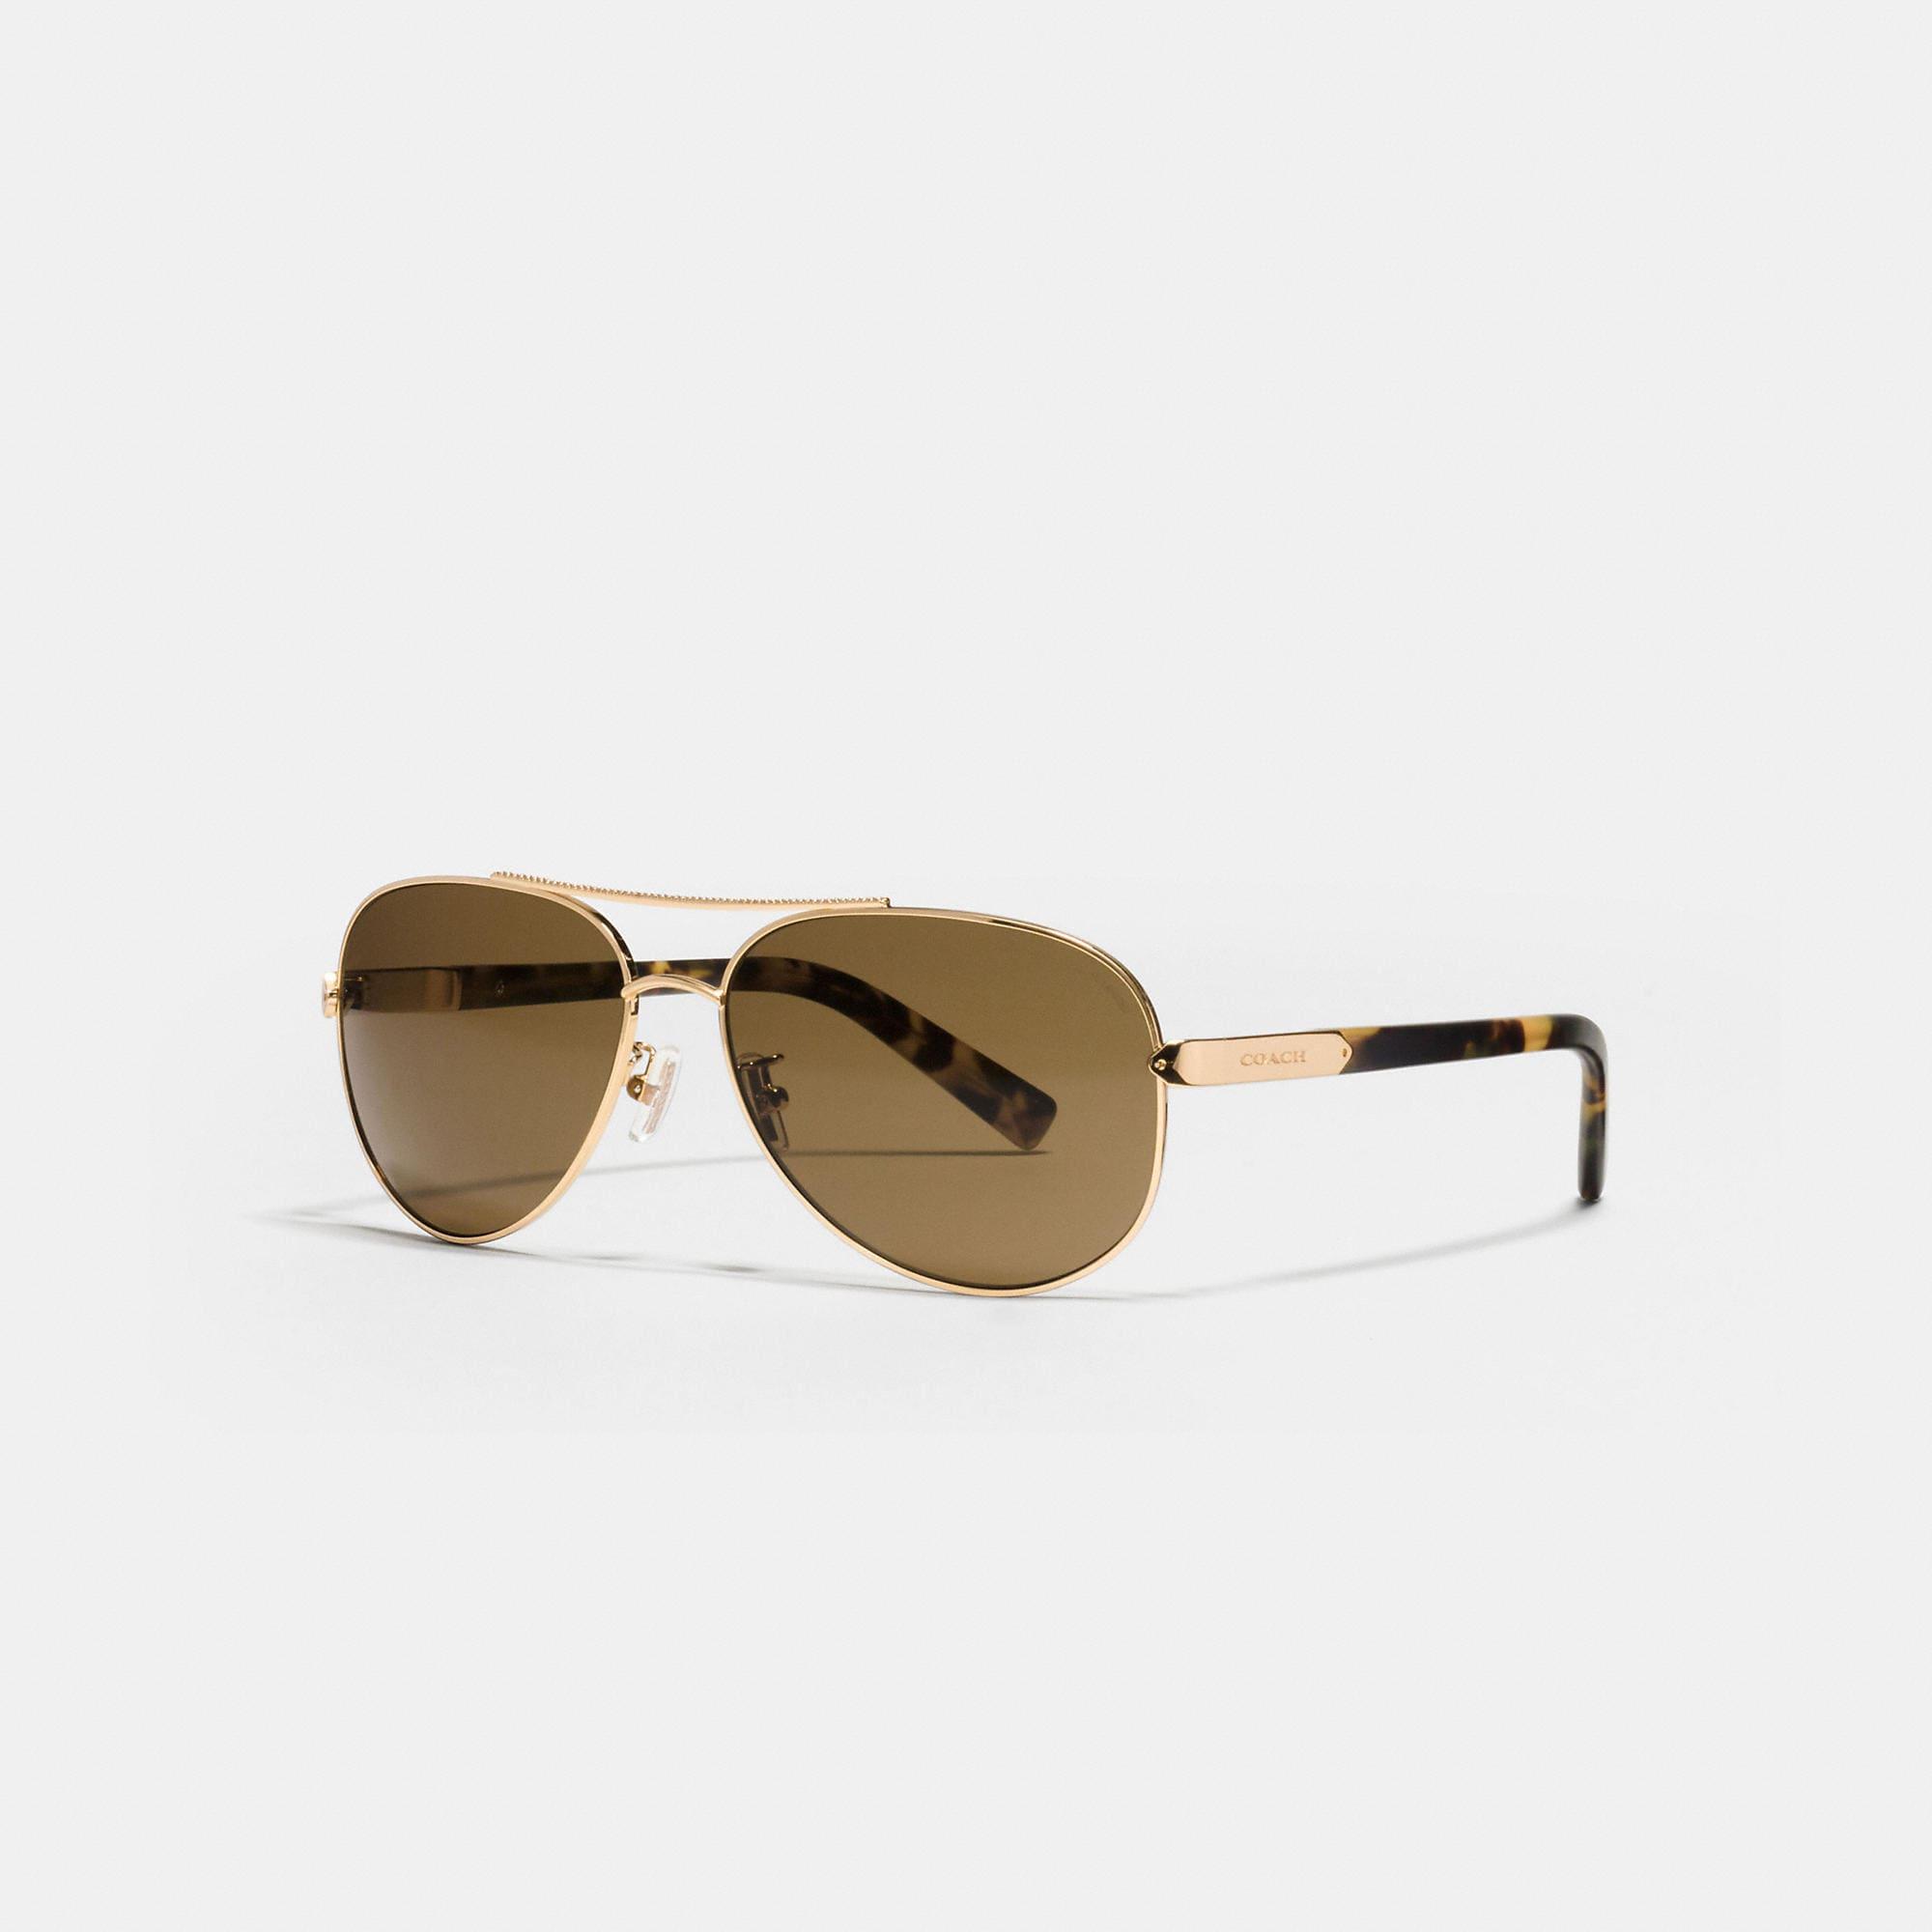 Coach Tag Temple Pilot Polarized Sunglasses